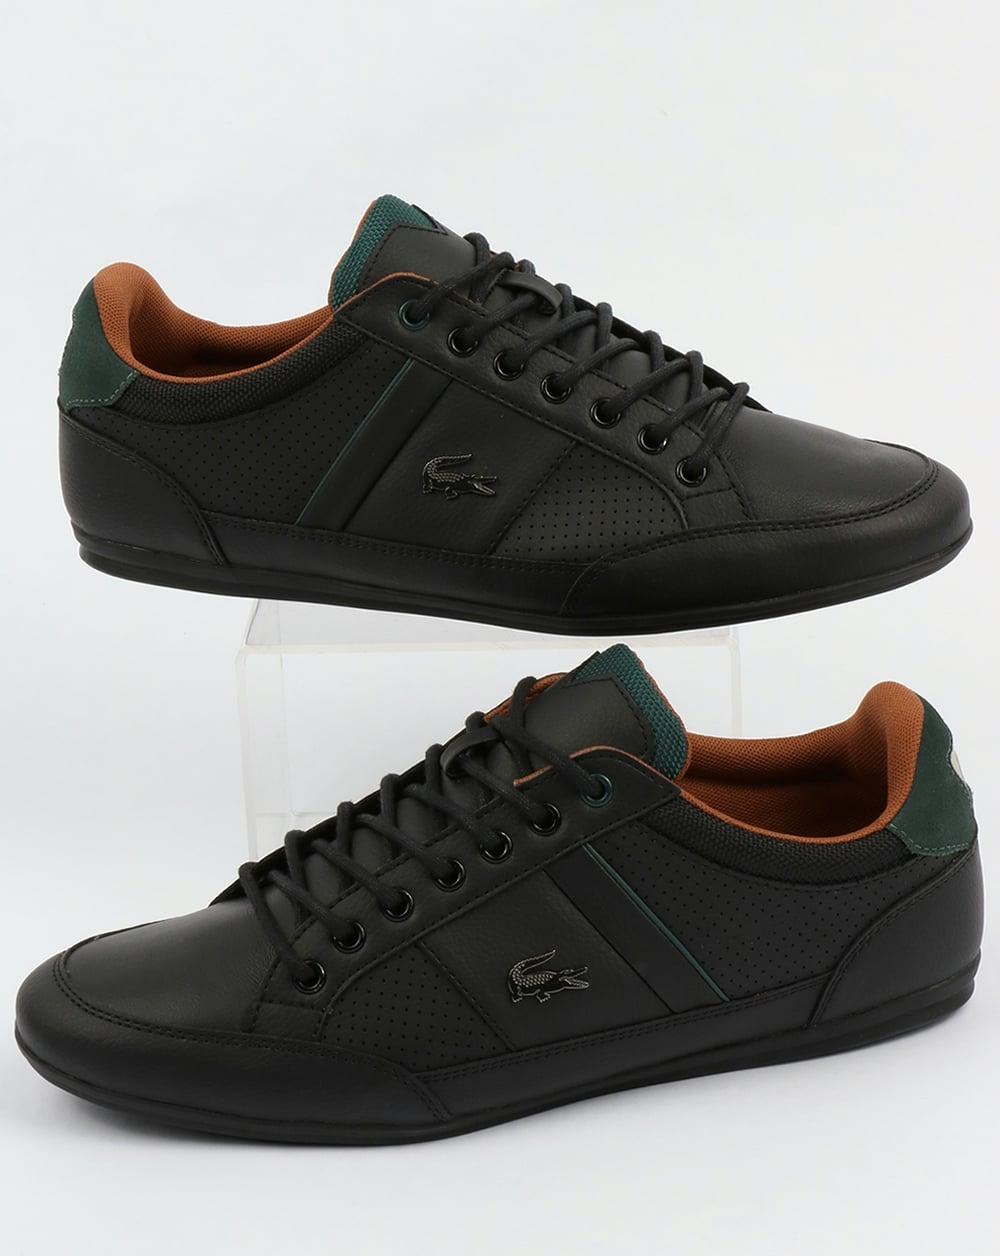 2ec89d3f1 Lacoste Lacoste Footwear Chaymon Trainers Black Tan